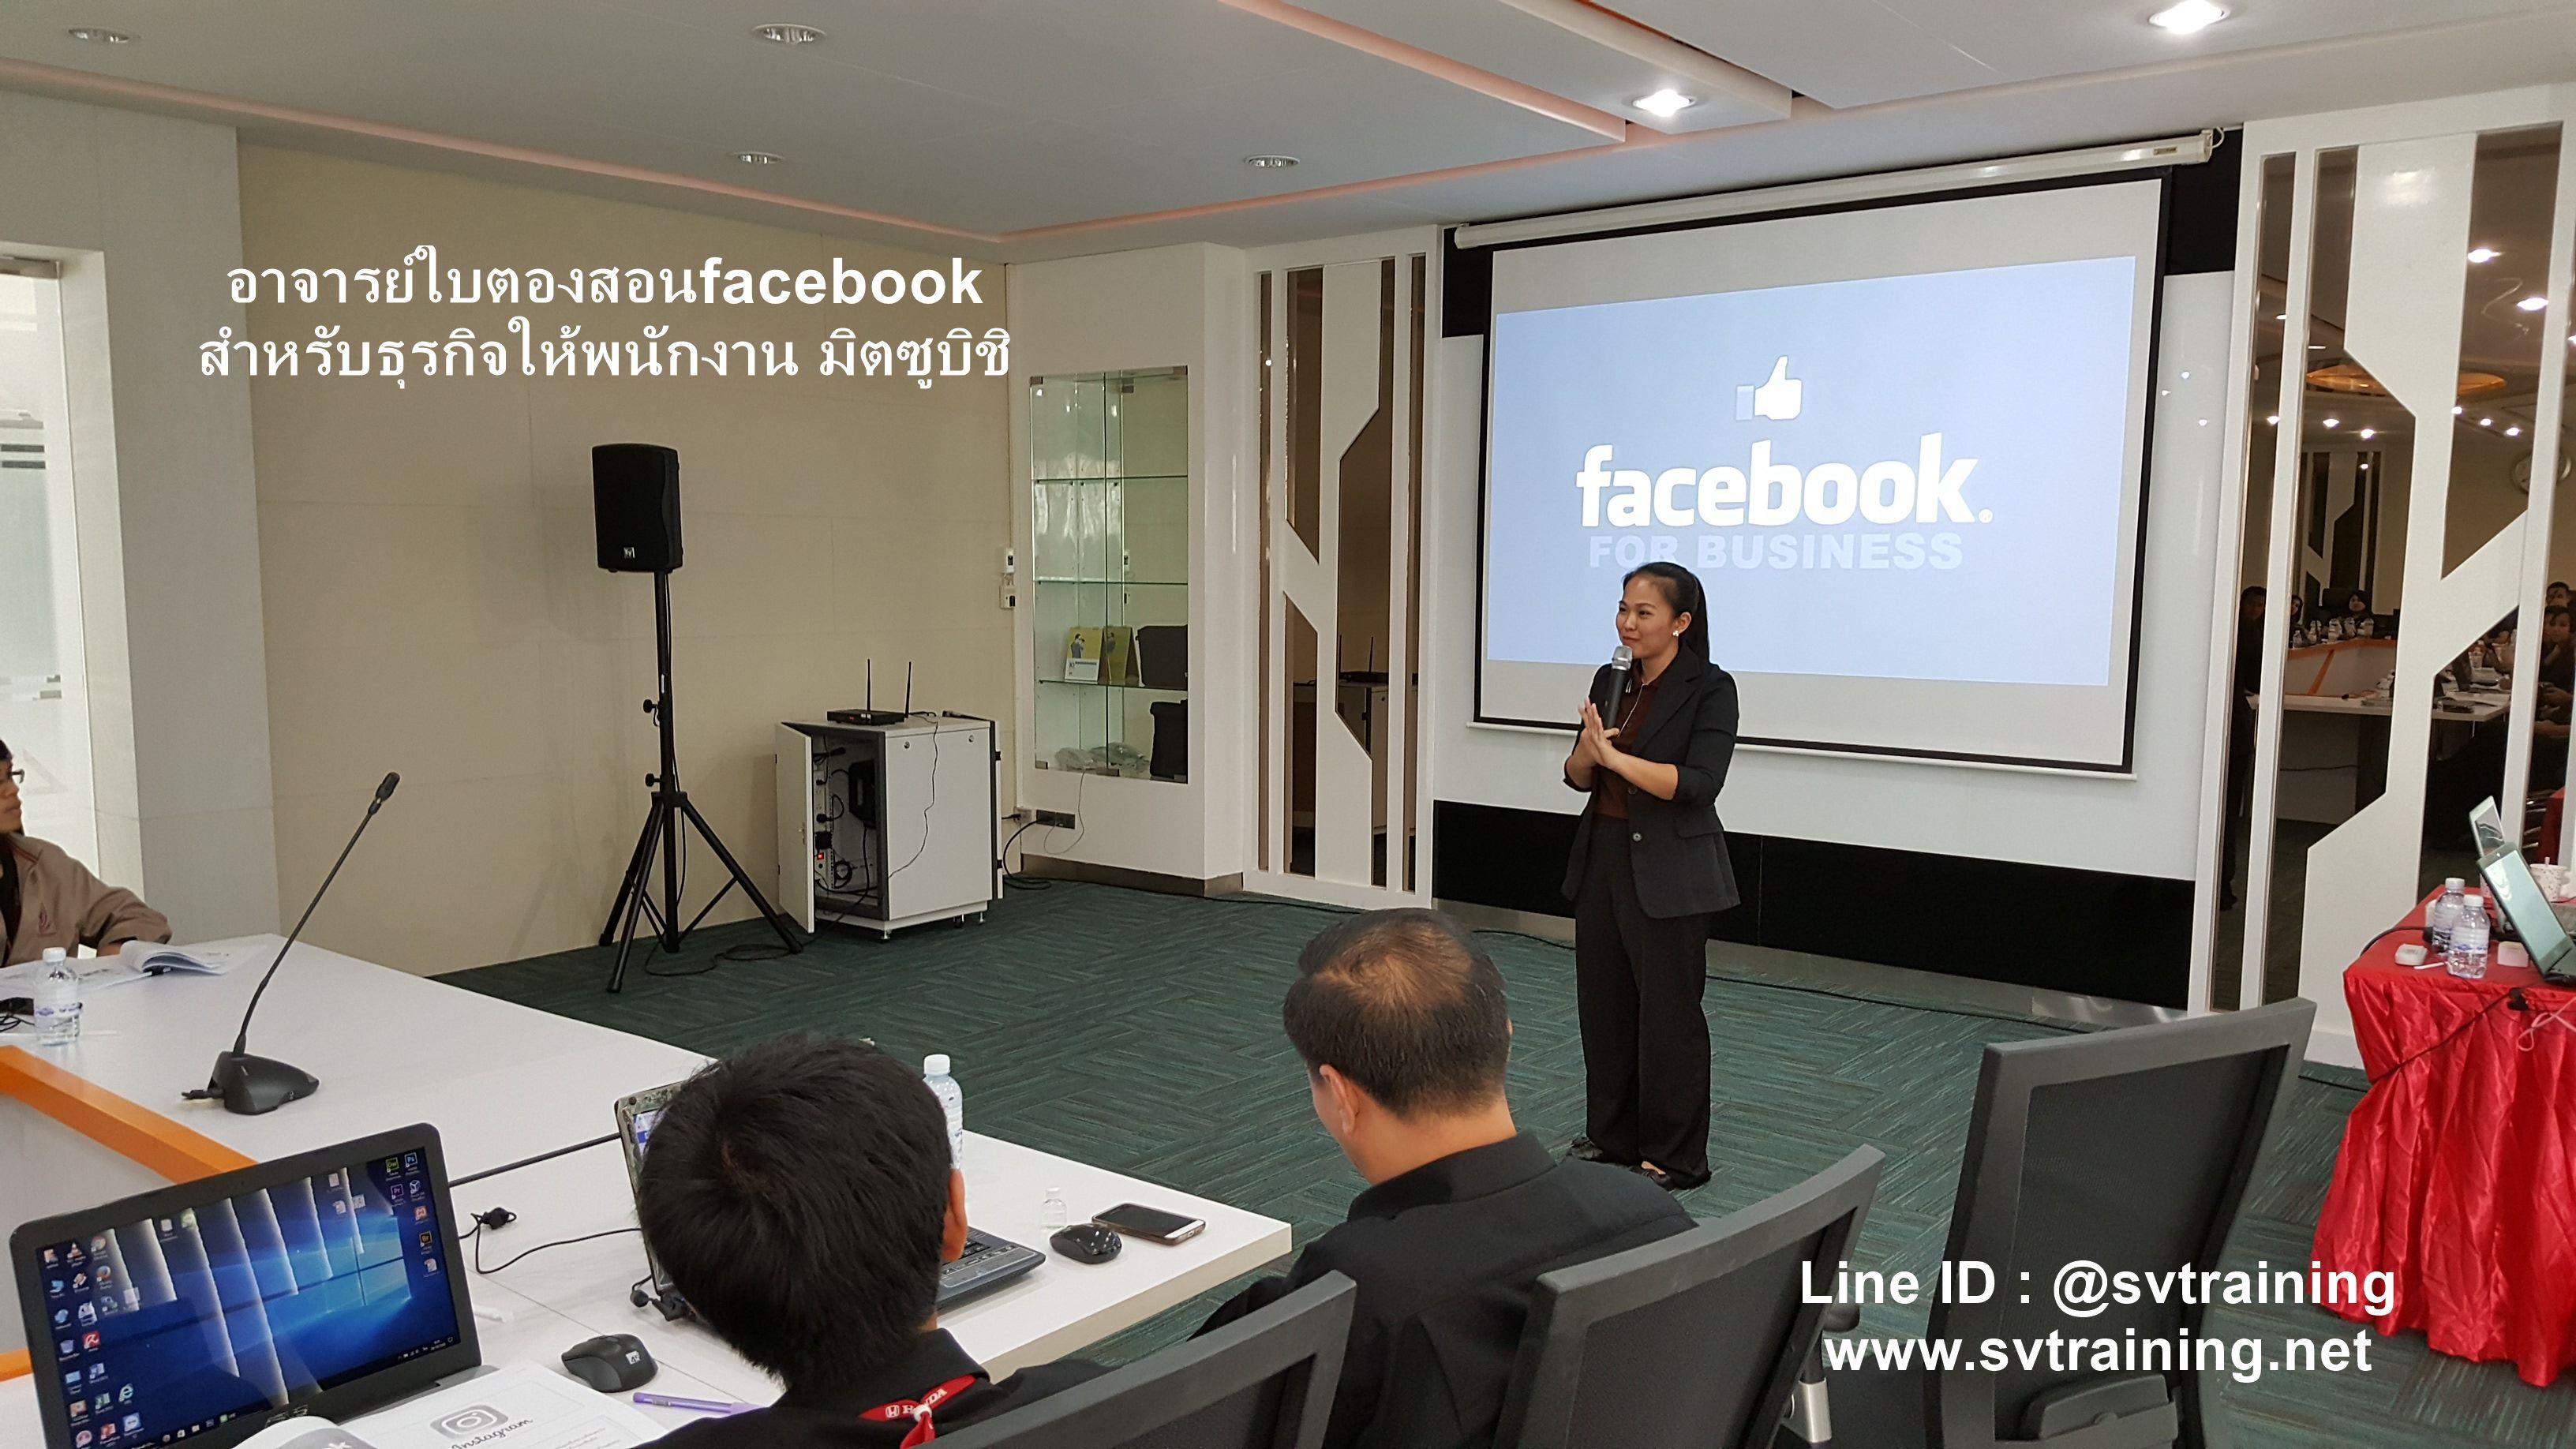 สอนขายของทางเฟสบุ๊คสำหรับธุรกิจ(facebook for business)โดยอาจารย์ใบตอง